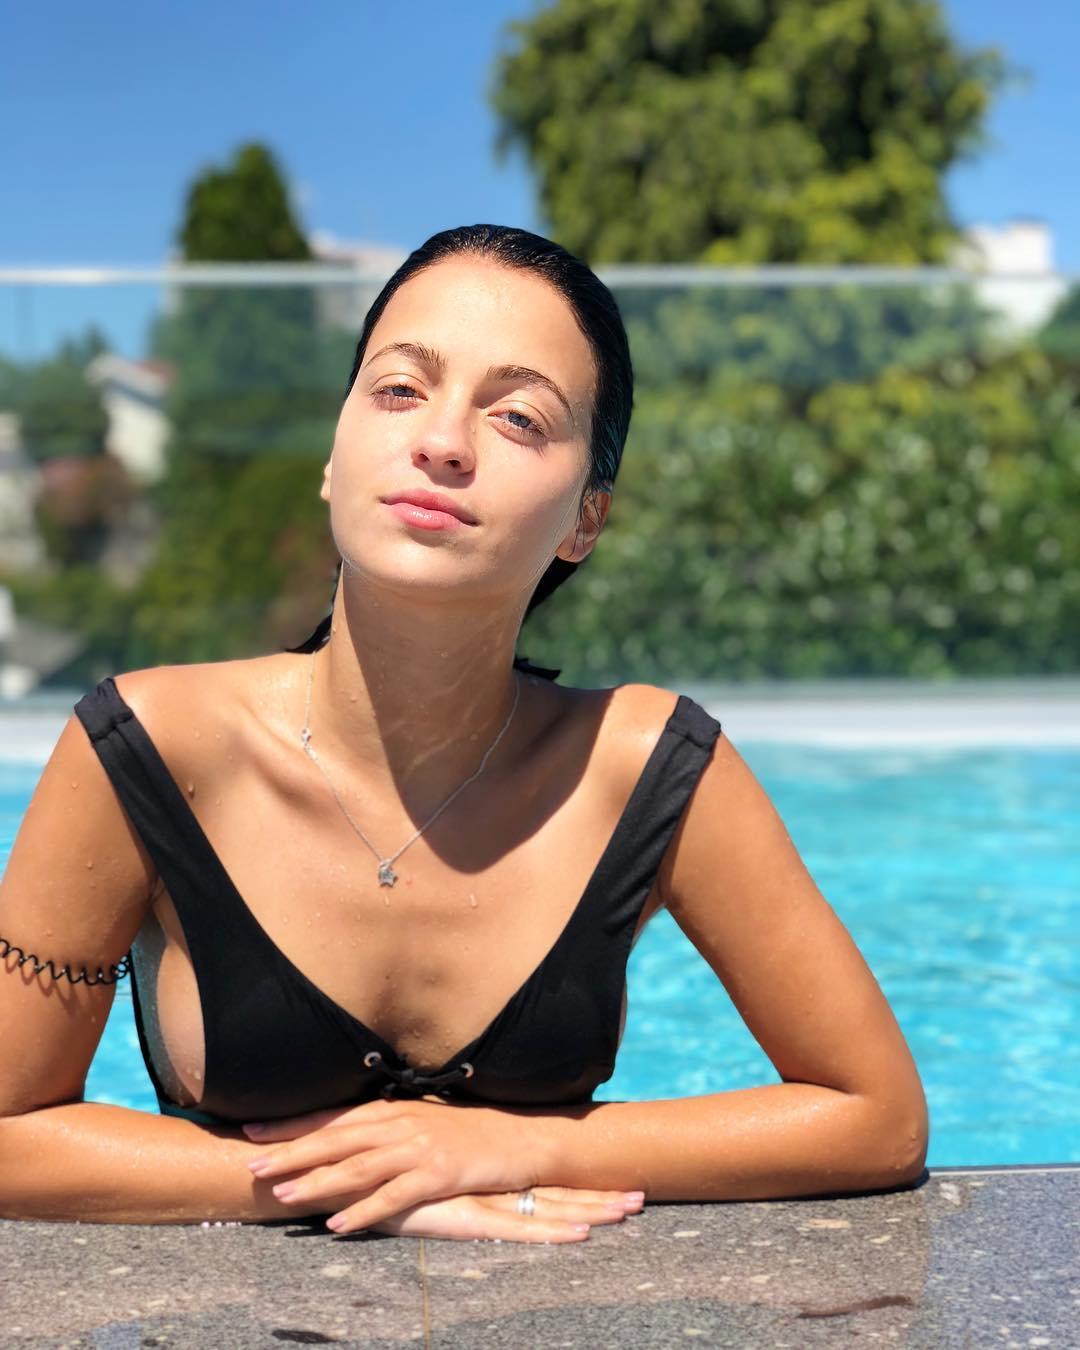 Bruna Quintas e a foto nua no regresso à praia